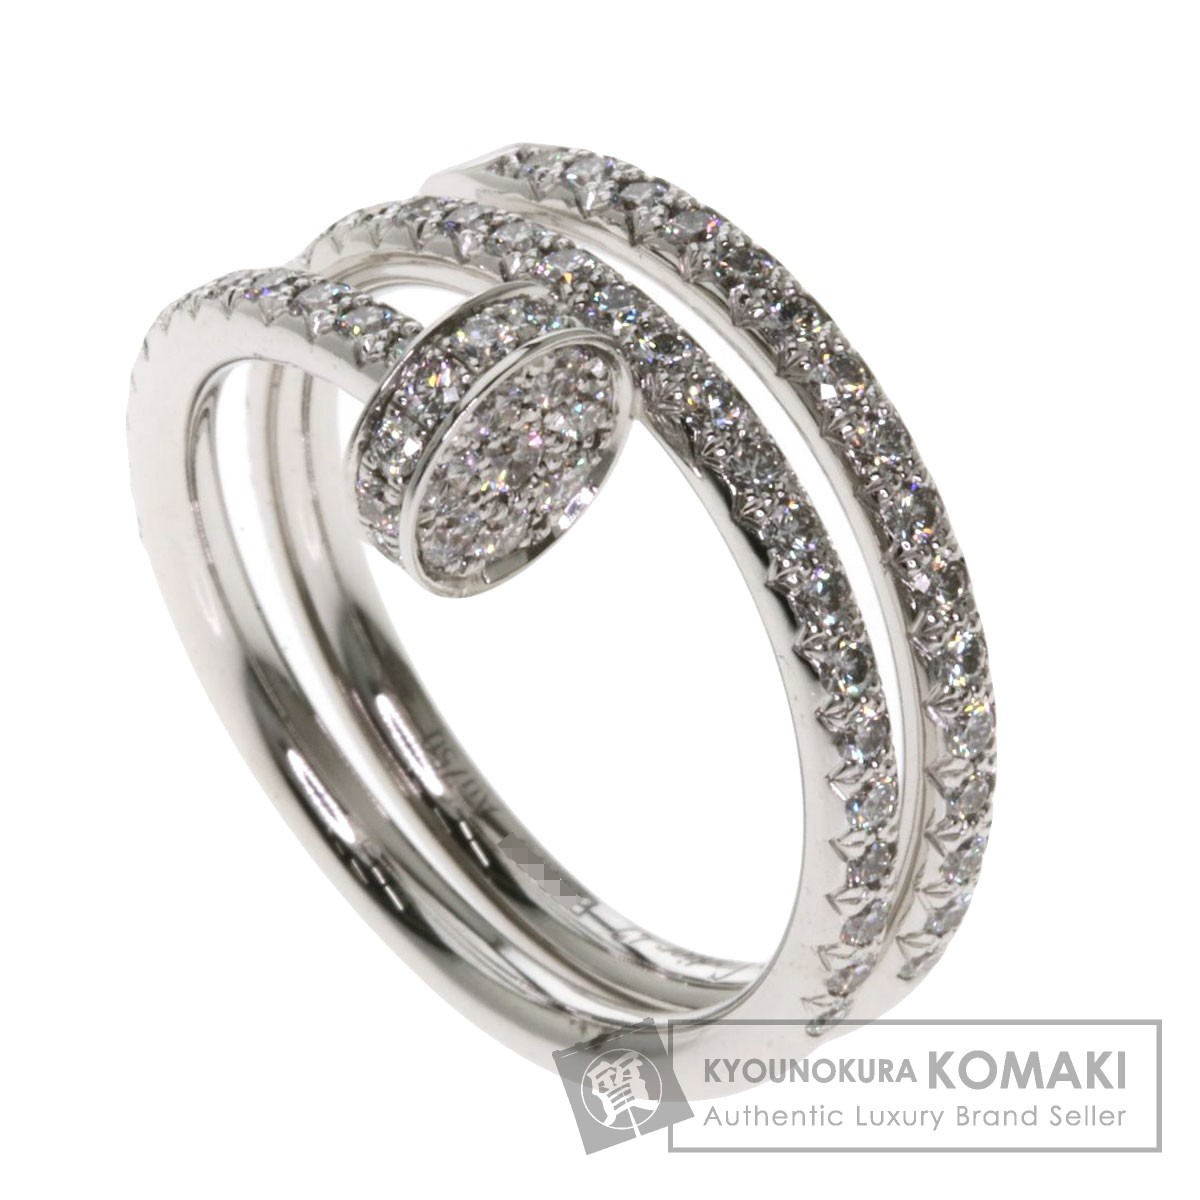 カルティエ ジュストアンクルリング ダイヤモンド #47 リング・指輪 K18ホワイトゴールド レディース 【中古】【CARTIER】